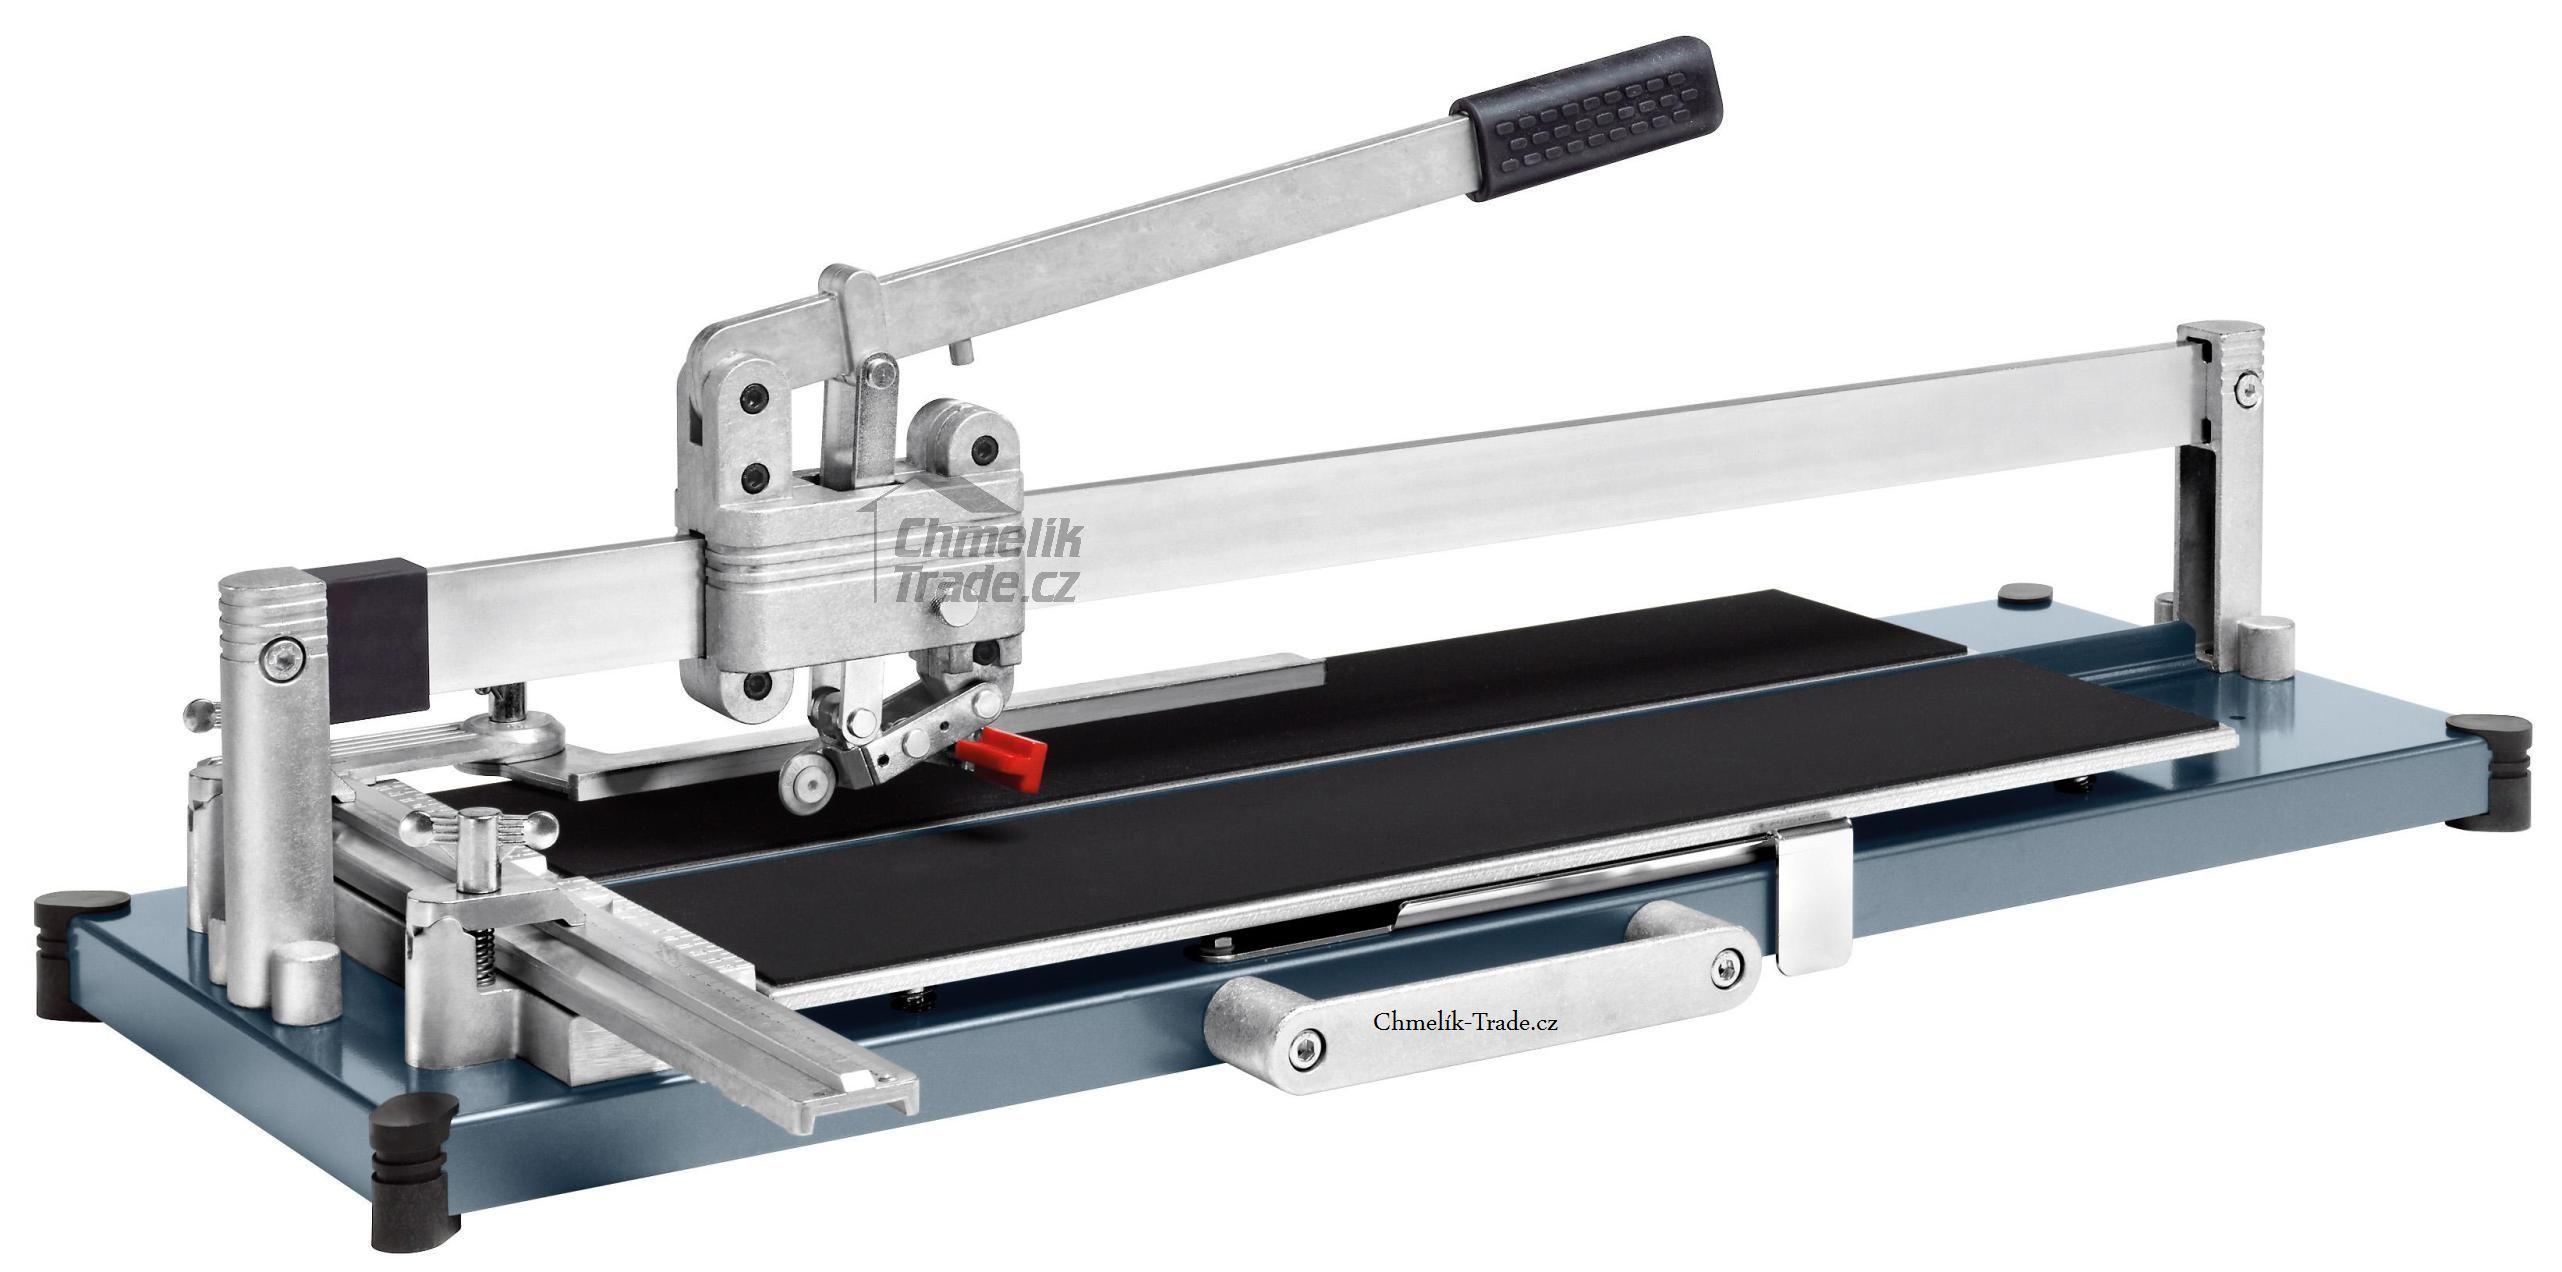 Řezačka Kaufmann TopLine ROCK 630 mm + sleva (Profesionální ložisková řezačka na obklady a dlažby.)